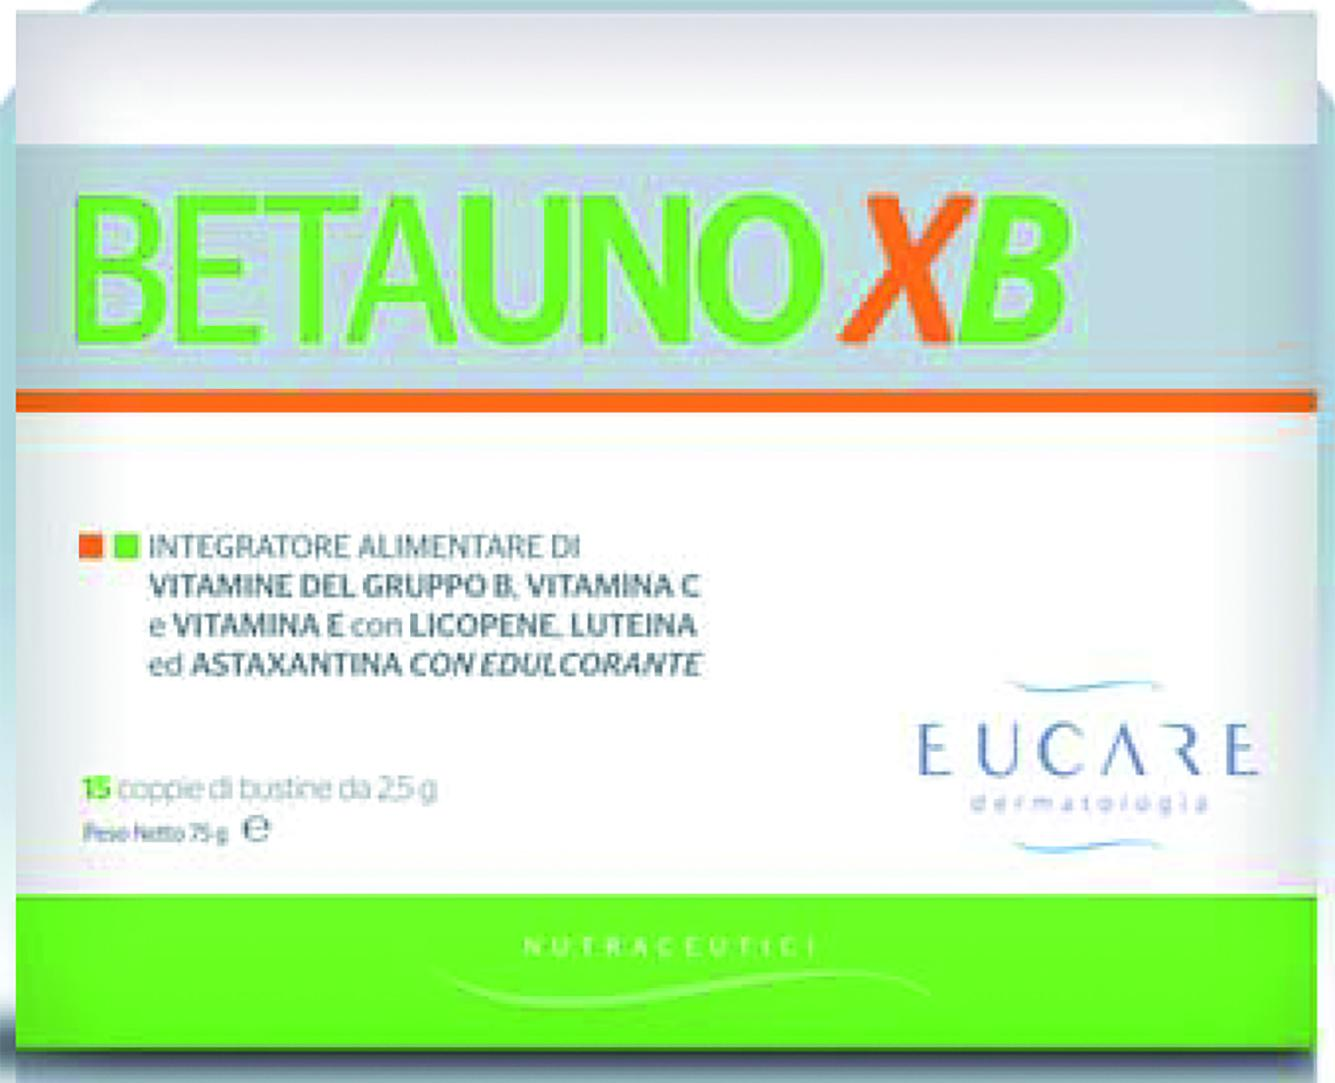 BetaunoXB